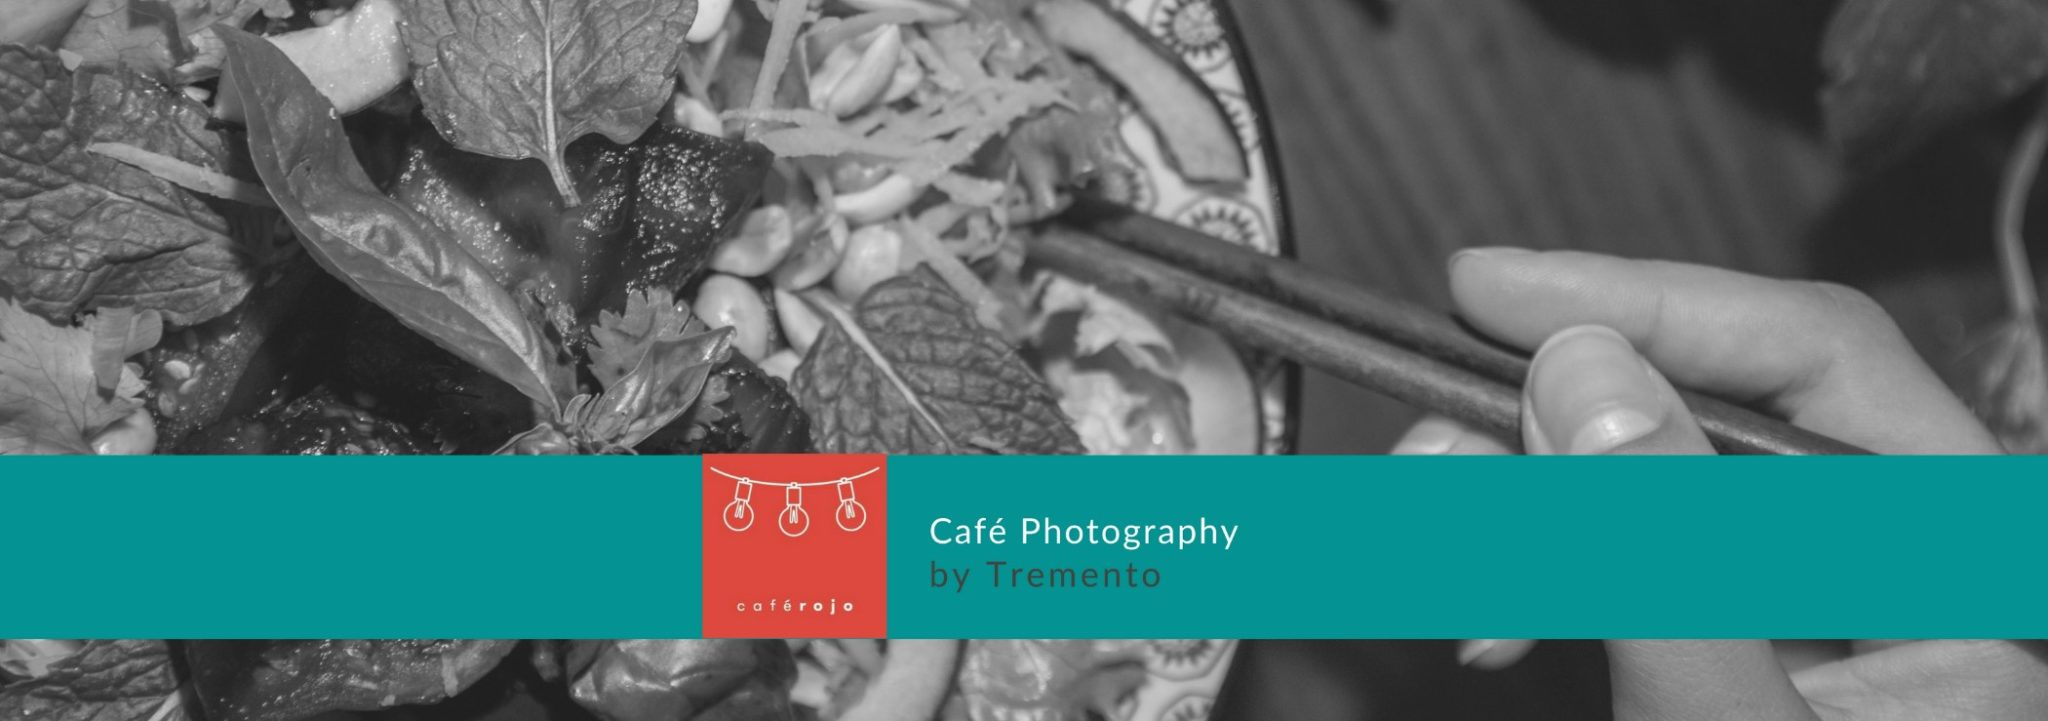 Café Photography - Café Rojo San José Tremento